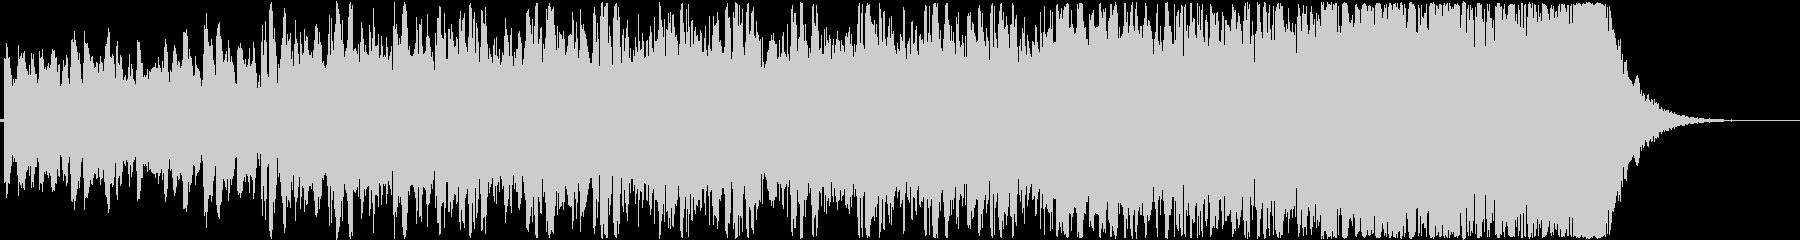 疾走感のあるケルトっぽいトラッドBGMの未再生の波形